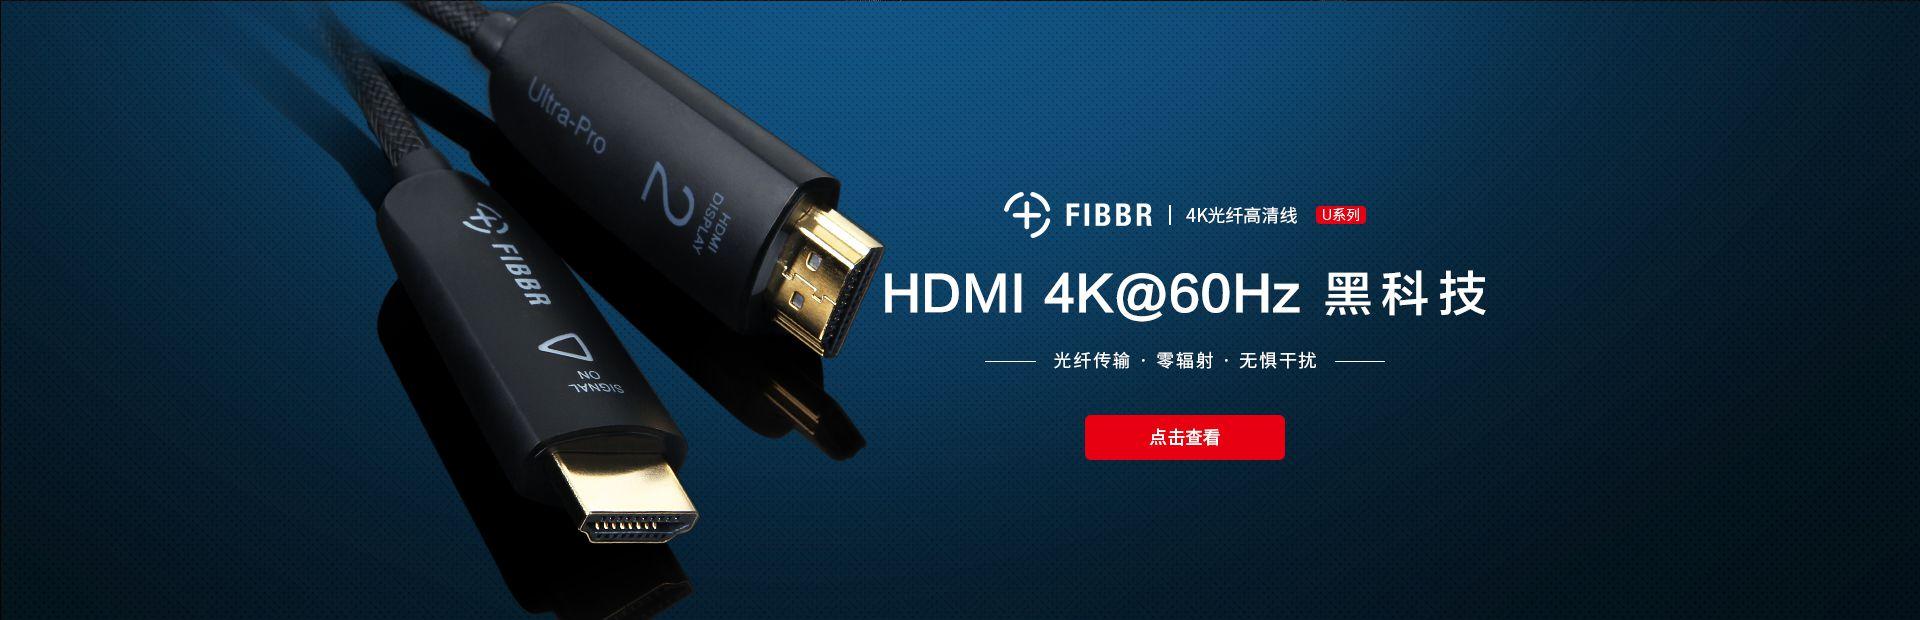 华影科创智能科技(北京)有限公司